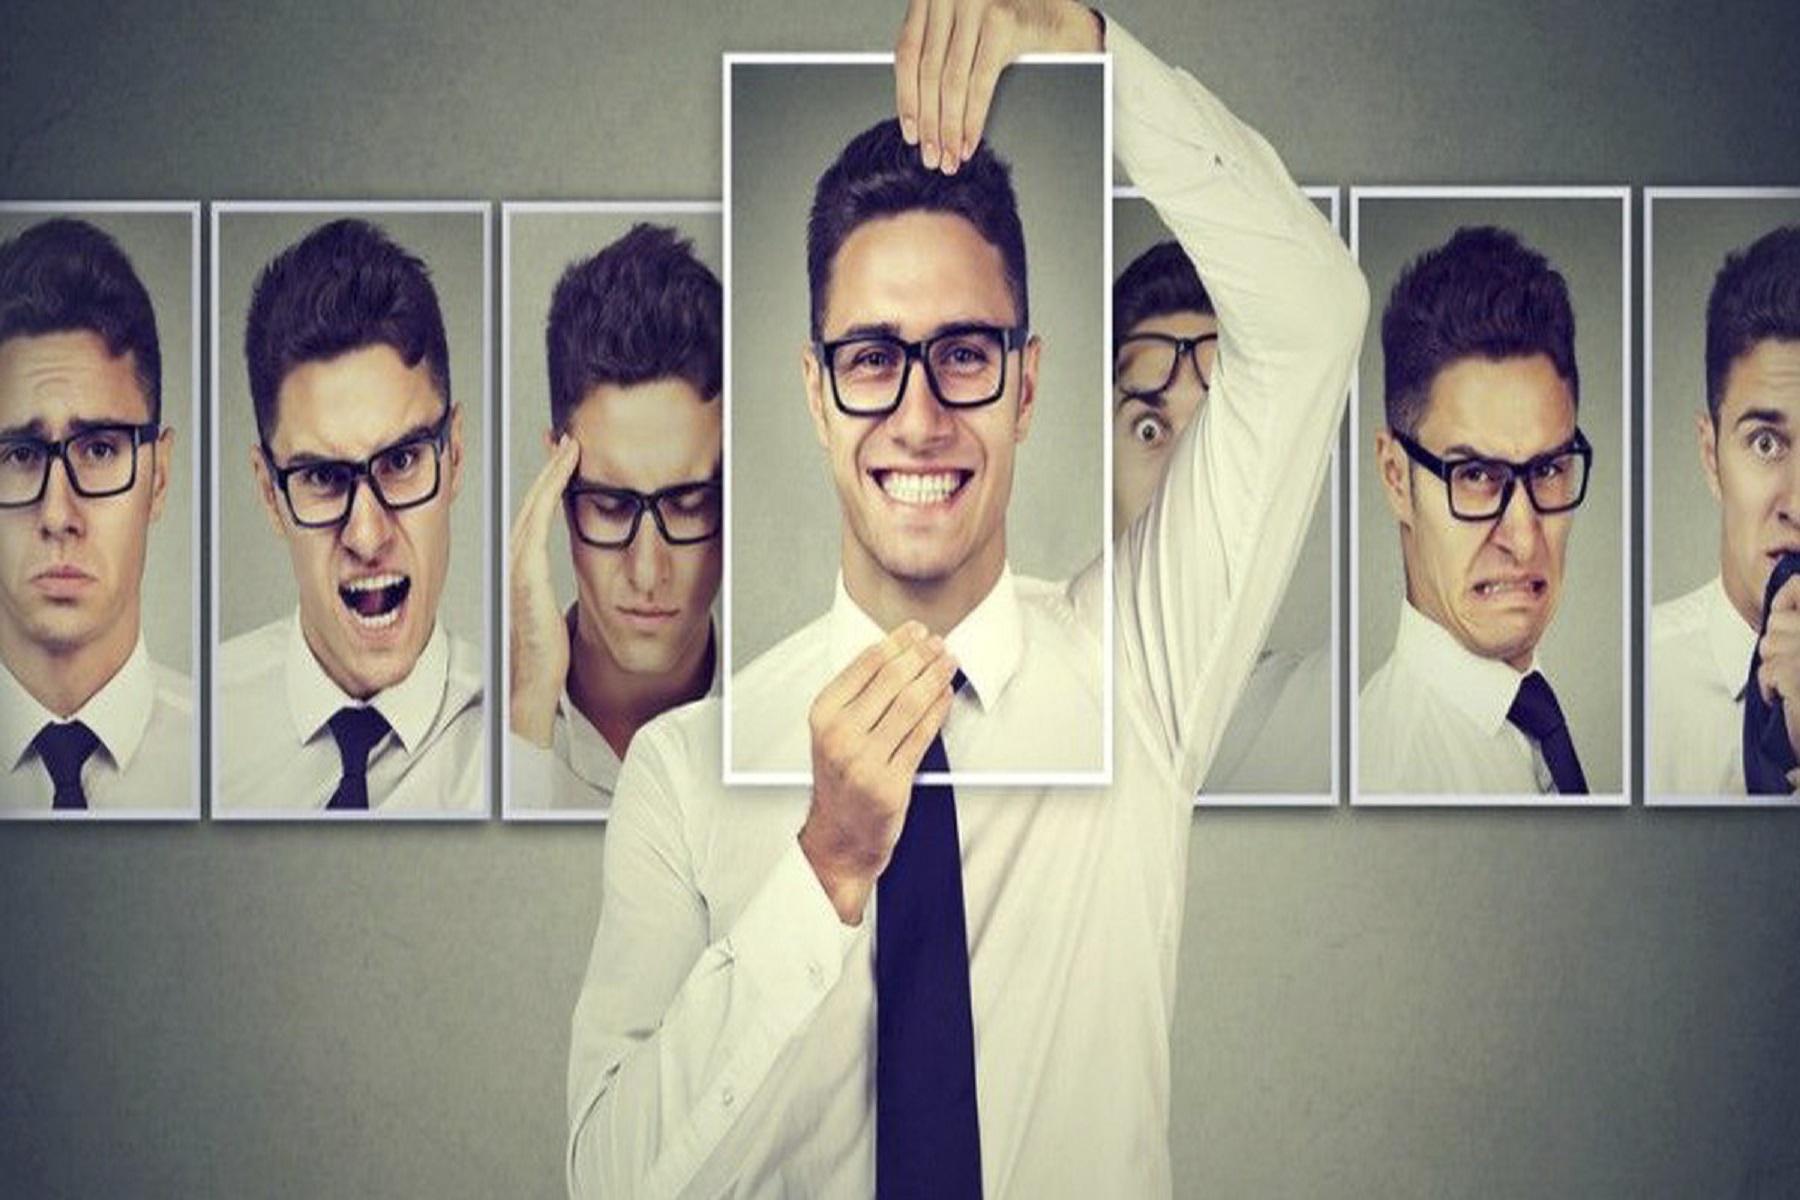 Τοξική θετικότητα: Πόσο μας αποσυντονίζει από τα συναισθήματά μας και την επαφή με τον εαυτό μας;